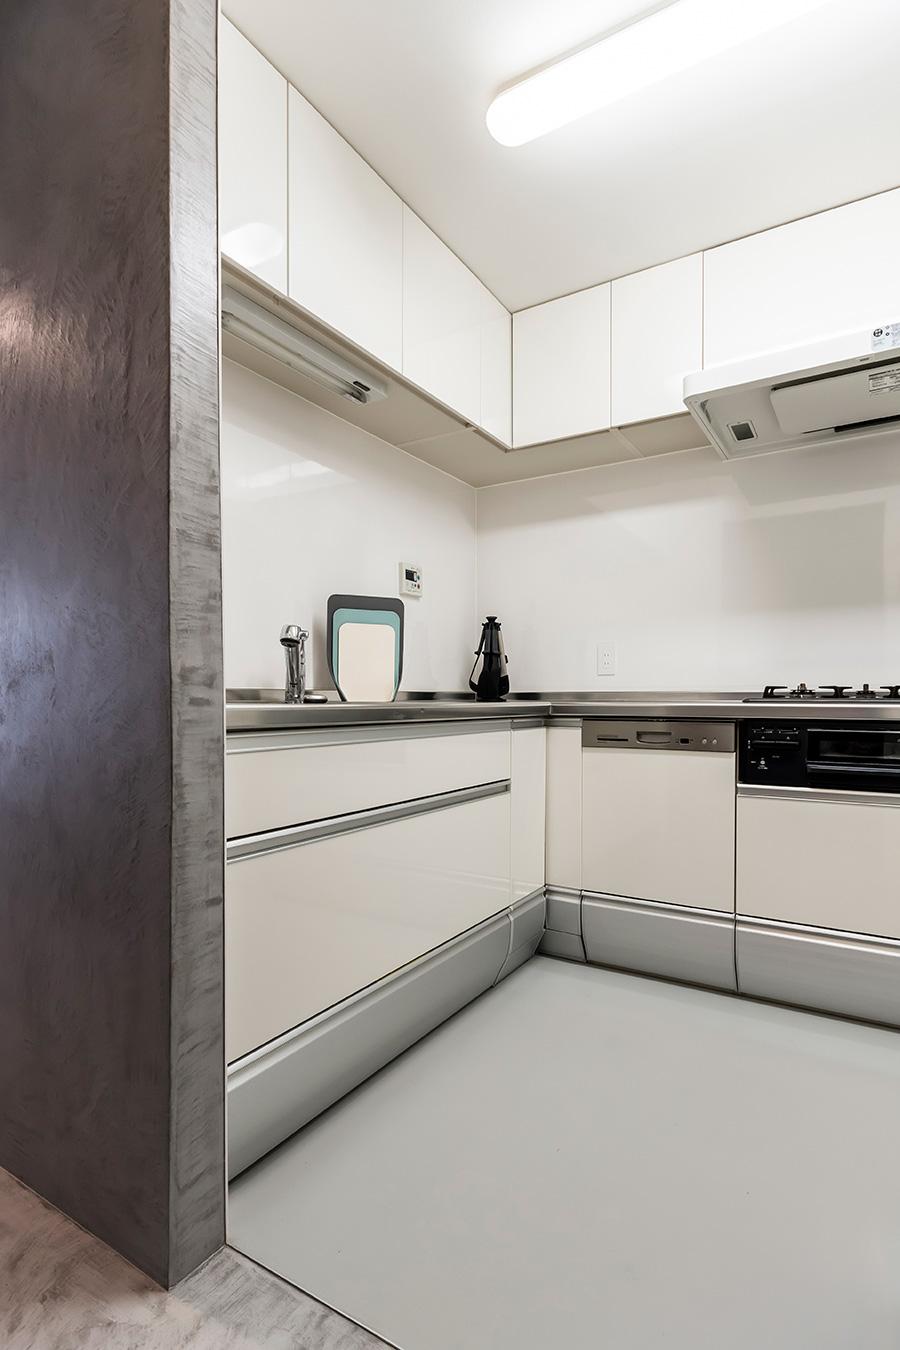 キッチン部分の間取りは変えずに、内装を一新した。